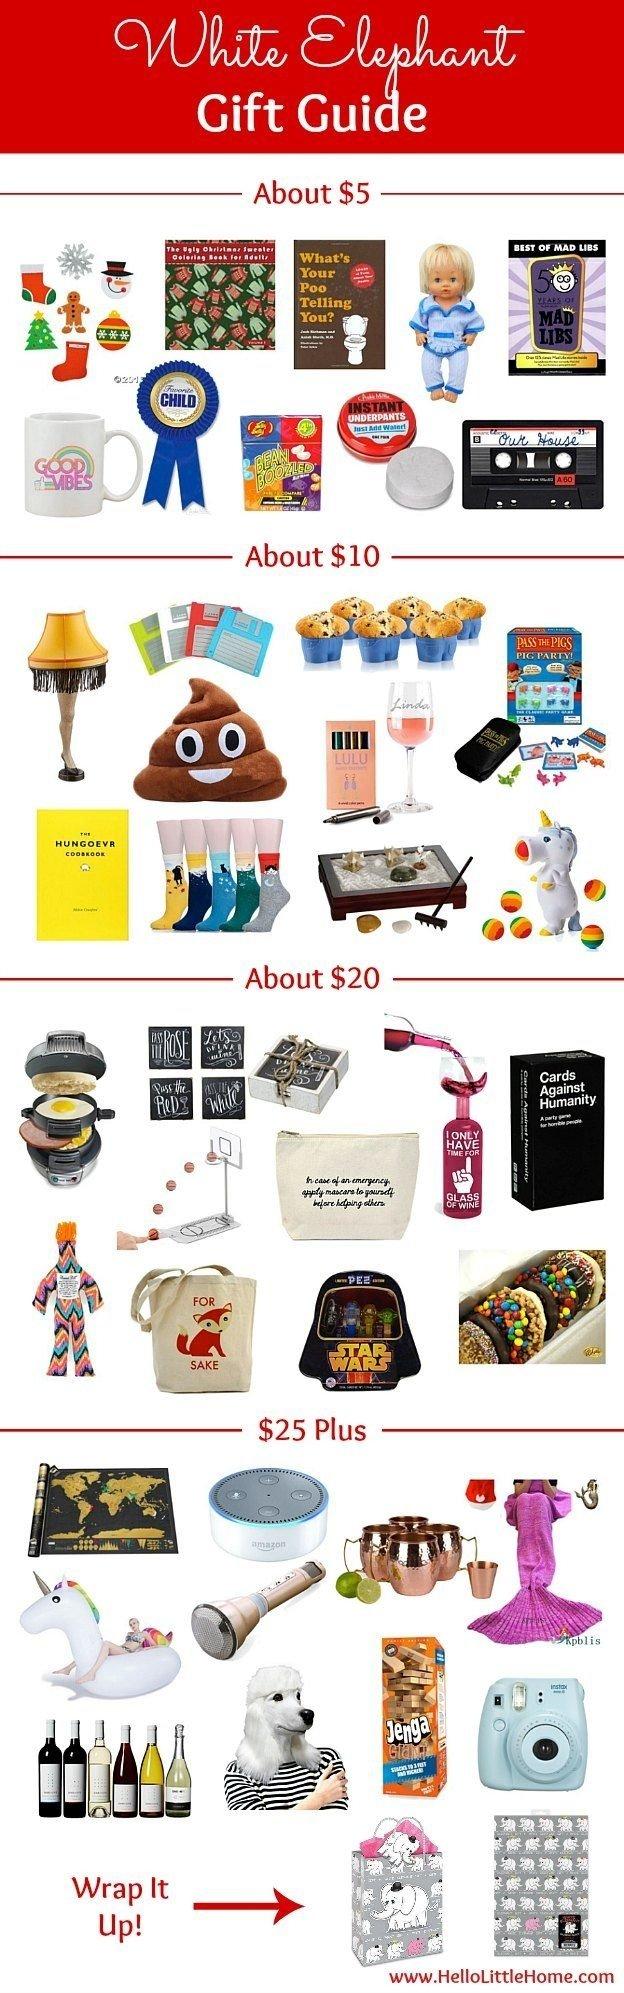 10 Best Gift Ideas For Yankee Swap white elephant gift guide white elephant gift and holidays 4 2020